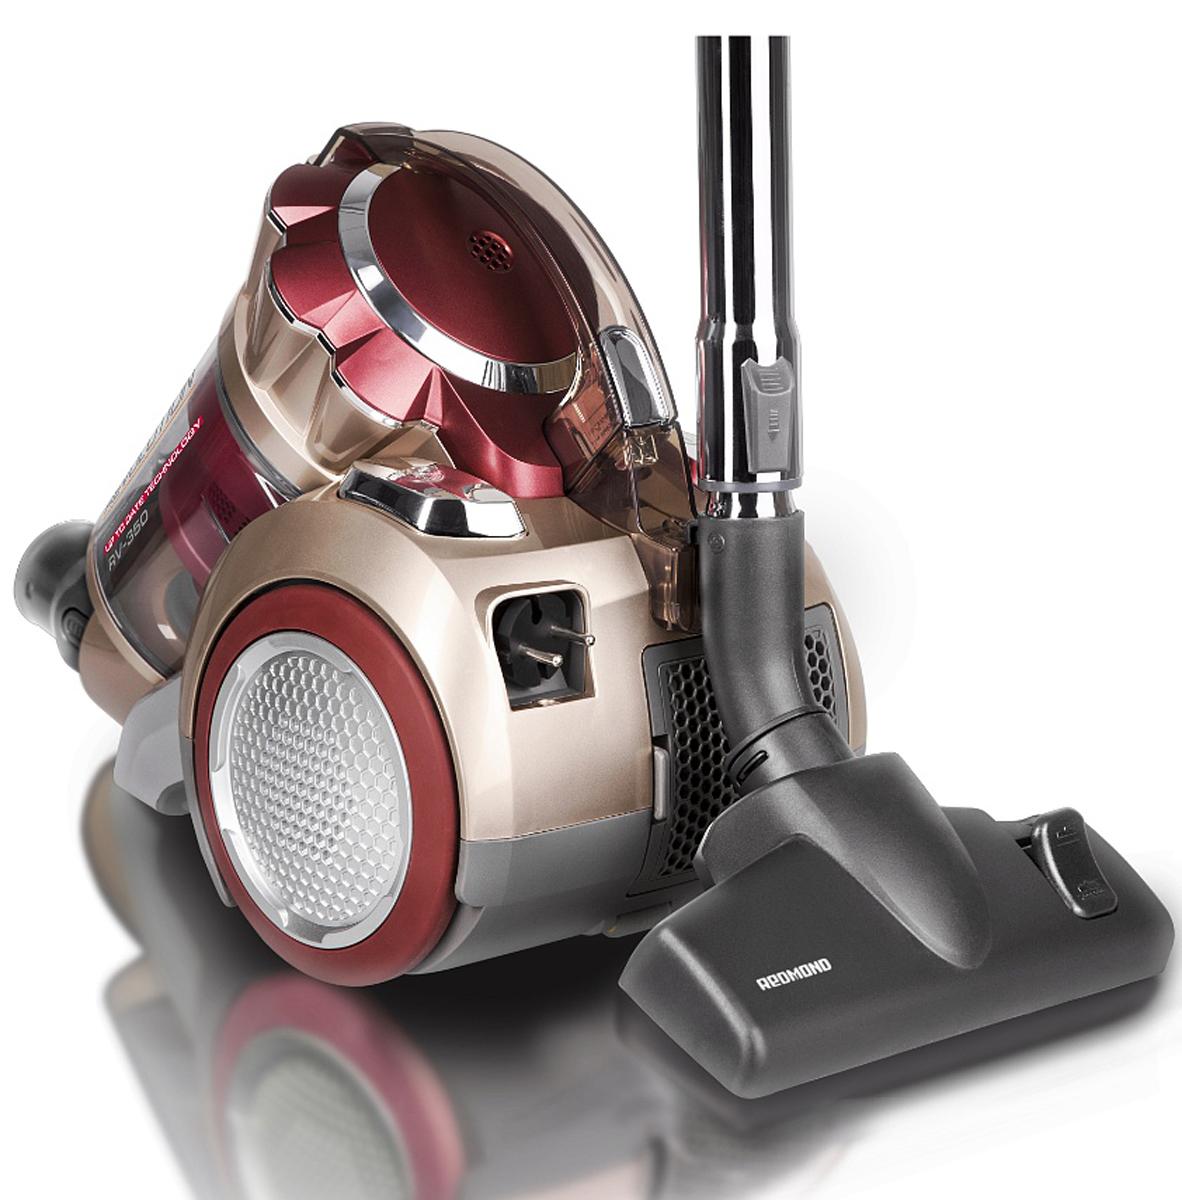 Redmond RV-350 пылесосRV-350Пылесос Redmond RV-350 — новая супермощная модель в невероятно привлекательном космическом дизайне с уникальной системой очистки Мультициклон 12+1 и современным воздушным НЕРА-фильтром. Делать свой дом чище и уютнее стало гораздо проще, быстрее и комфортнее.Пылесос имеет вместительный контейнер для сбора пыли объёмом 1,5 л, надёжный моторный микрофильтр и плавный пуск двигателя. Примечательно, что регулятор мощности располагается на ручке, что обеспечивает дополнительное удобство при использовании высококачественного прибора. Отдельно стоит заявить о комплекте насадок и щёток, который отличается разнообразием — эти аксессуары существенно увеличивают потенциал аппарата: насадка пол / ковёр, насадка для паркета / ламината, турбощётка, щелевая насадка и насадка для чистки мягкой мебели. С таким набором легко справиться почти с любым загрязнением.Redmond RV-350 будет непременно радовать и такими особенностями, как автоматическая смотка электрошнура, эргономичная стальная телескопическая трубка и защита от перегрева. Вы сможете по-новому взглянуть на процесс уборки!Как выбрать пылесос. Статья OZON Гид